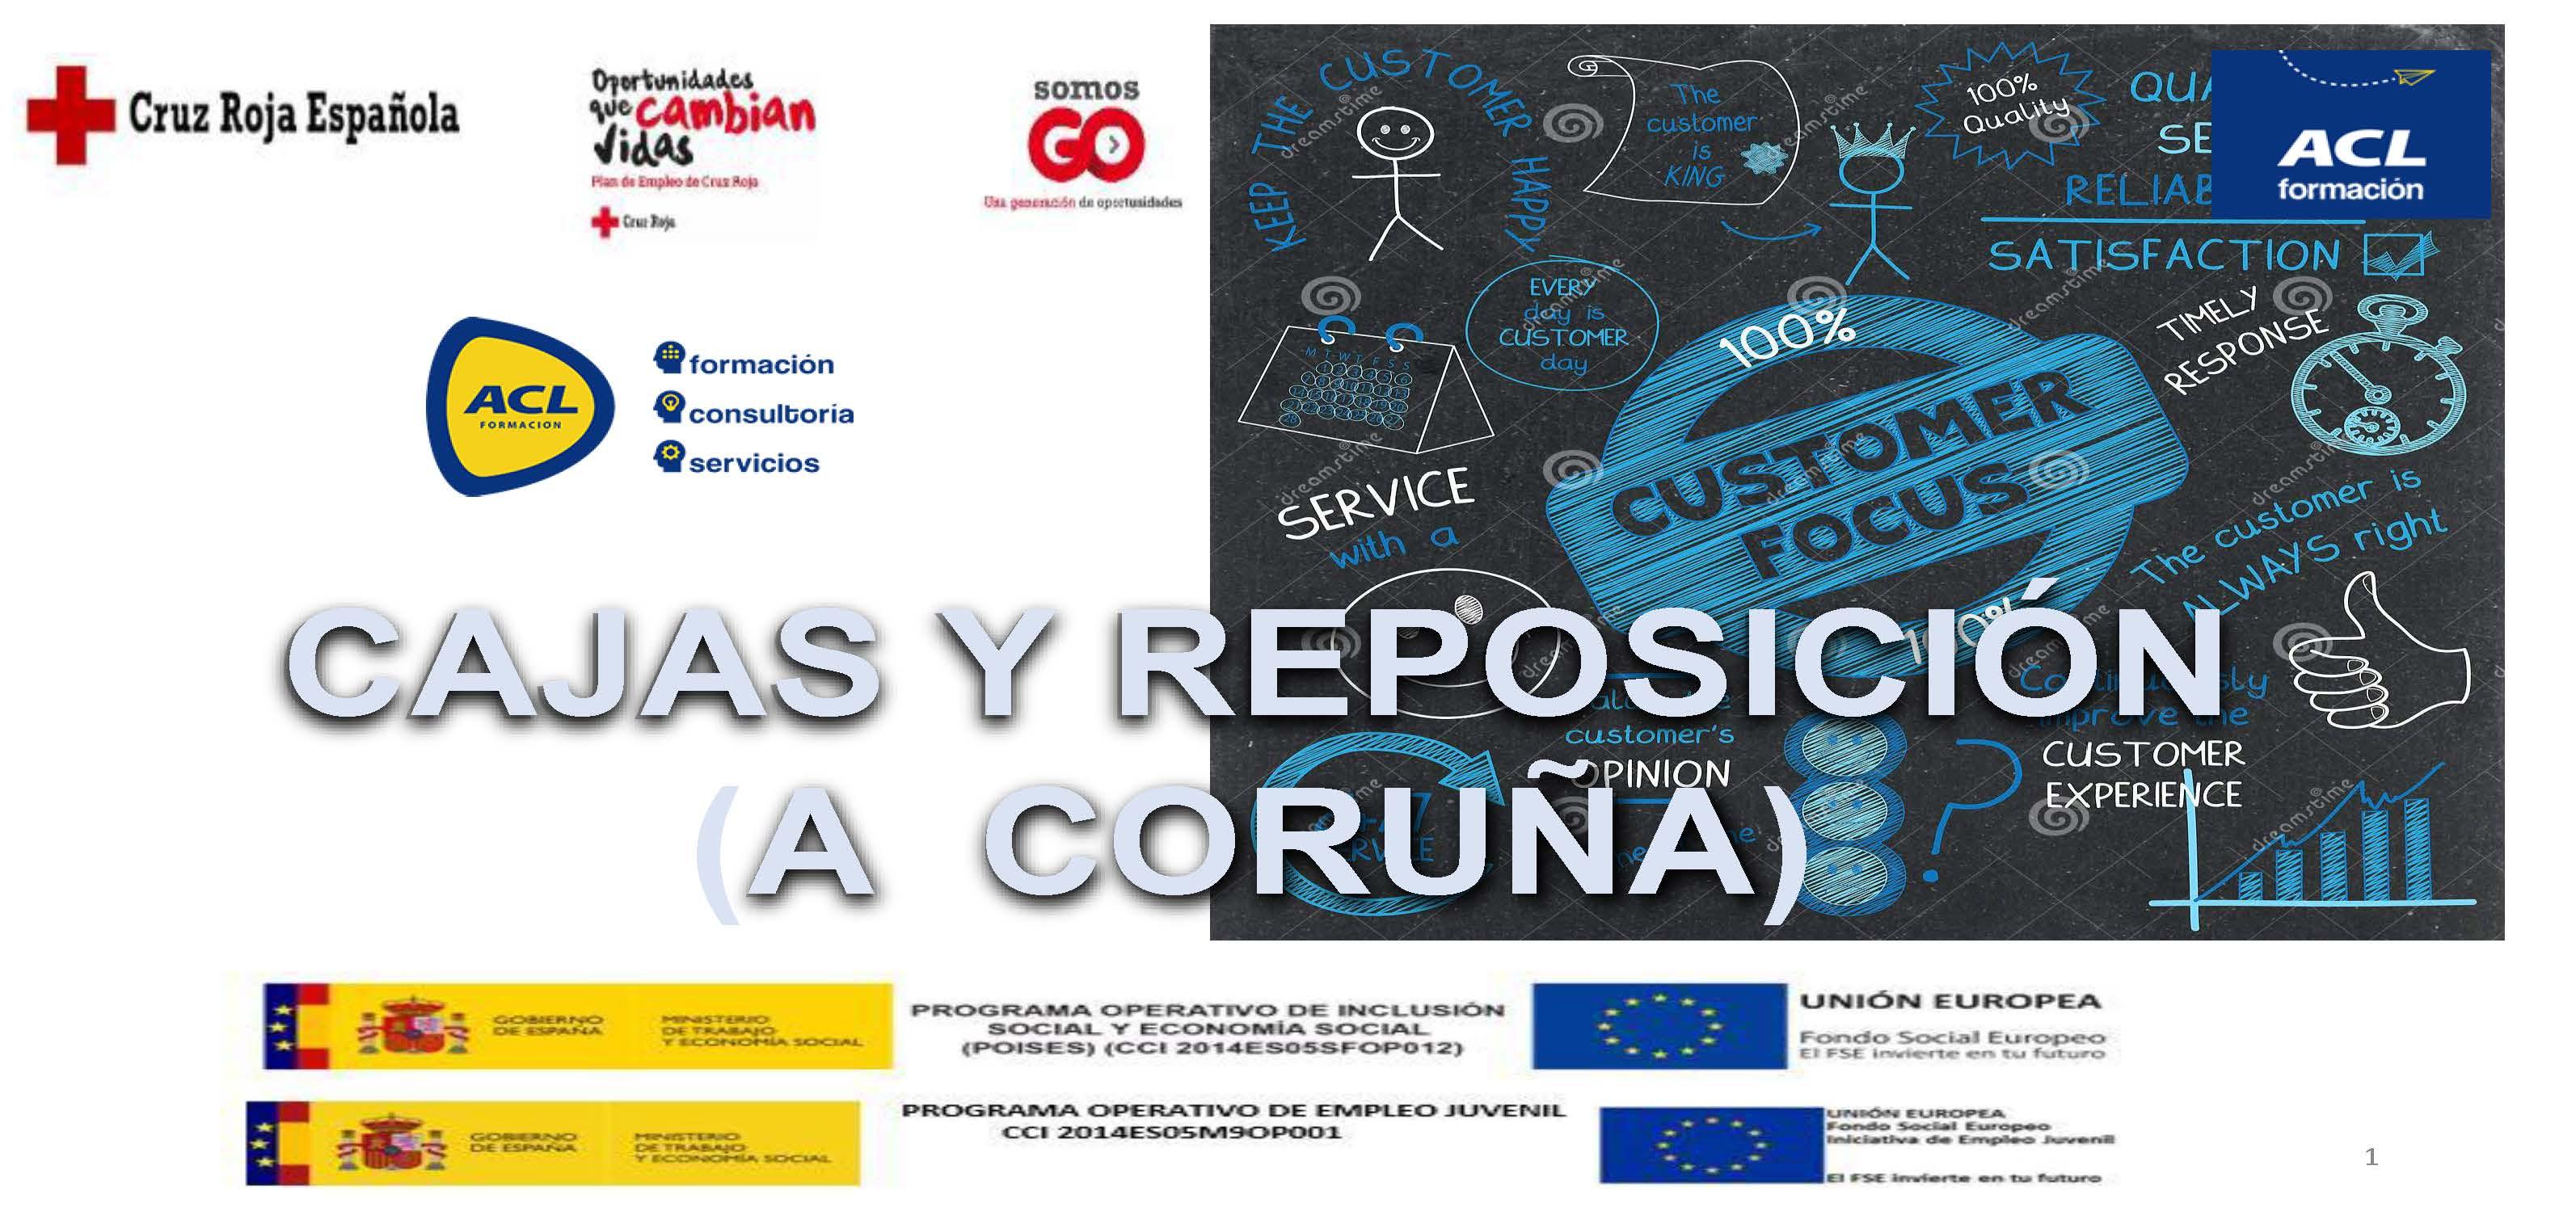 CAJAS Y REPOSICIÓN (CORUÑA CRE)